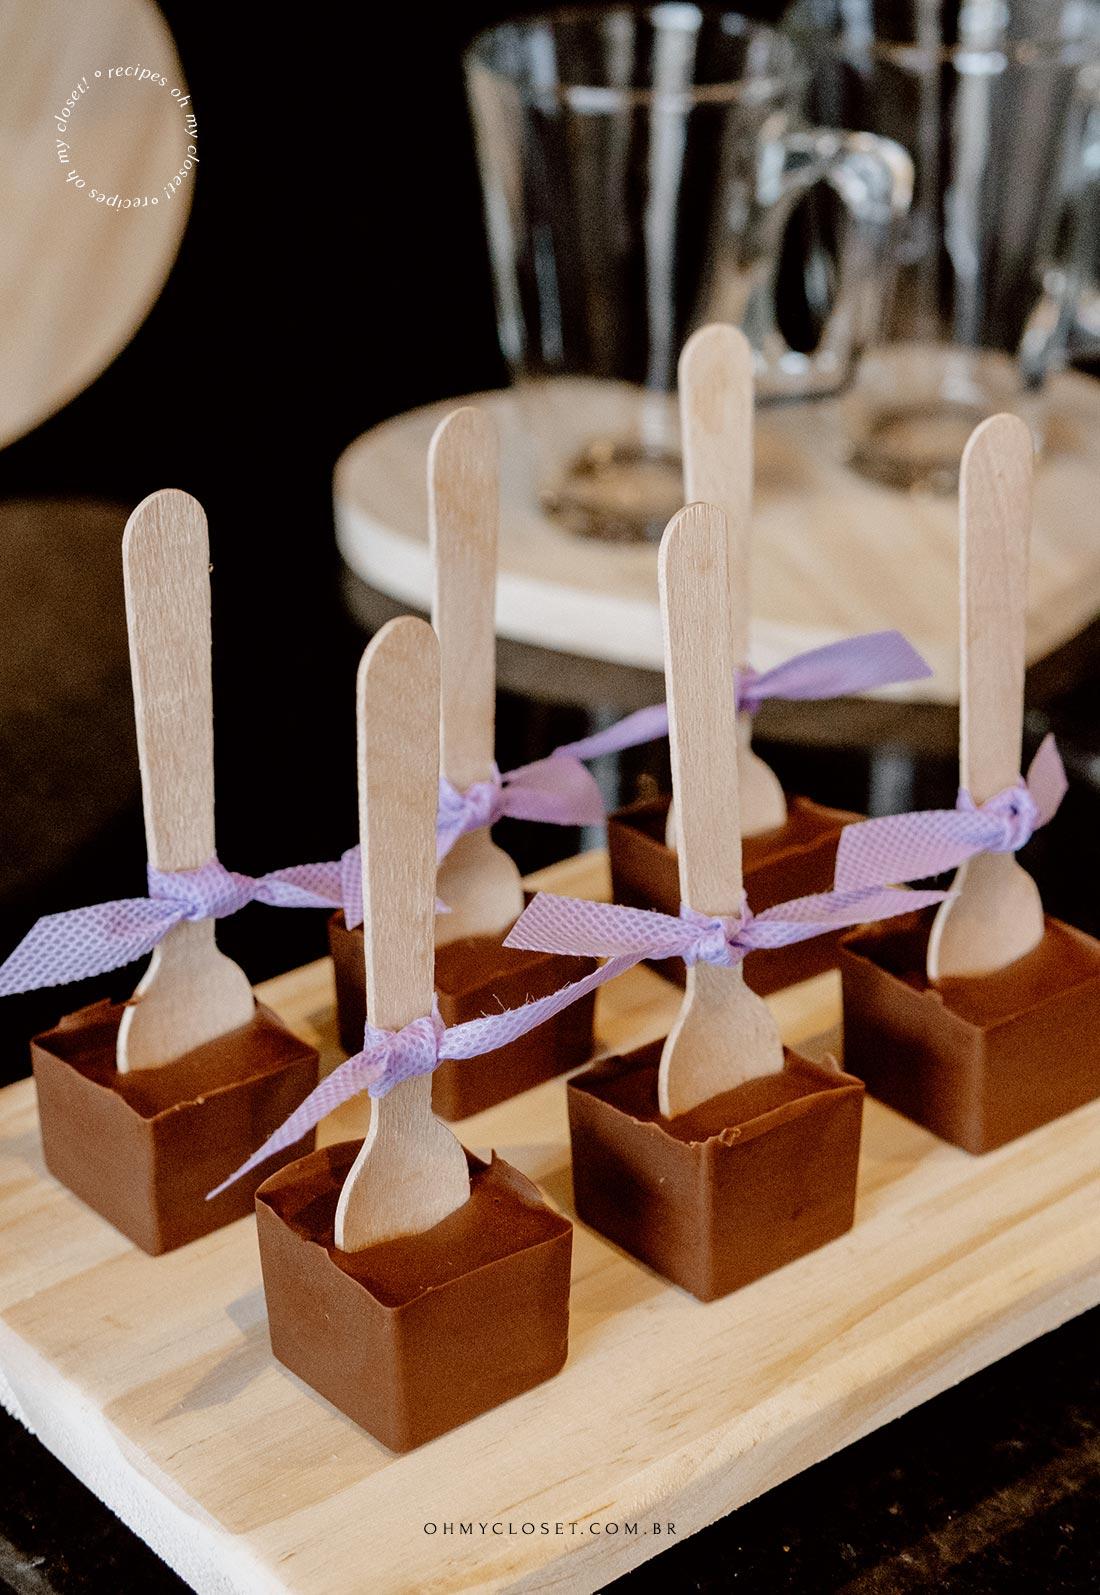 Tábua arrumada com o chocolate no palito pronto para ser usado para fazer chocolate quente.